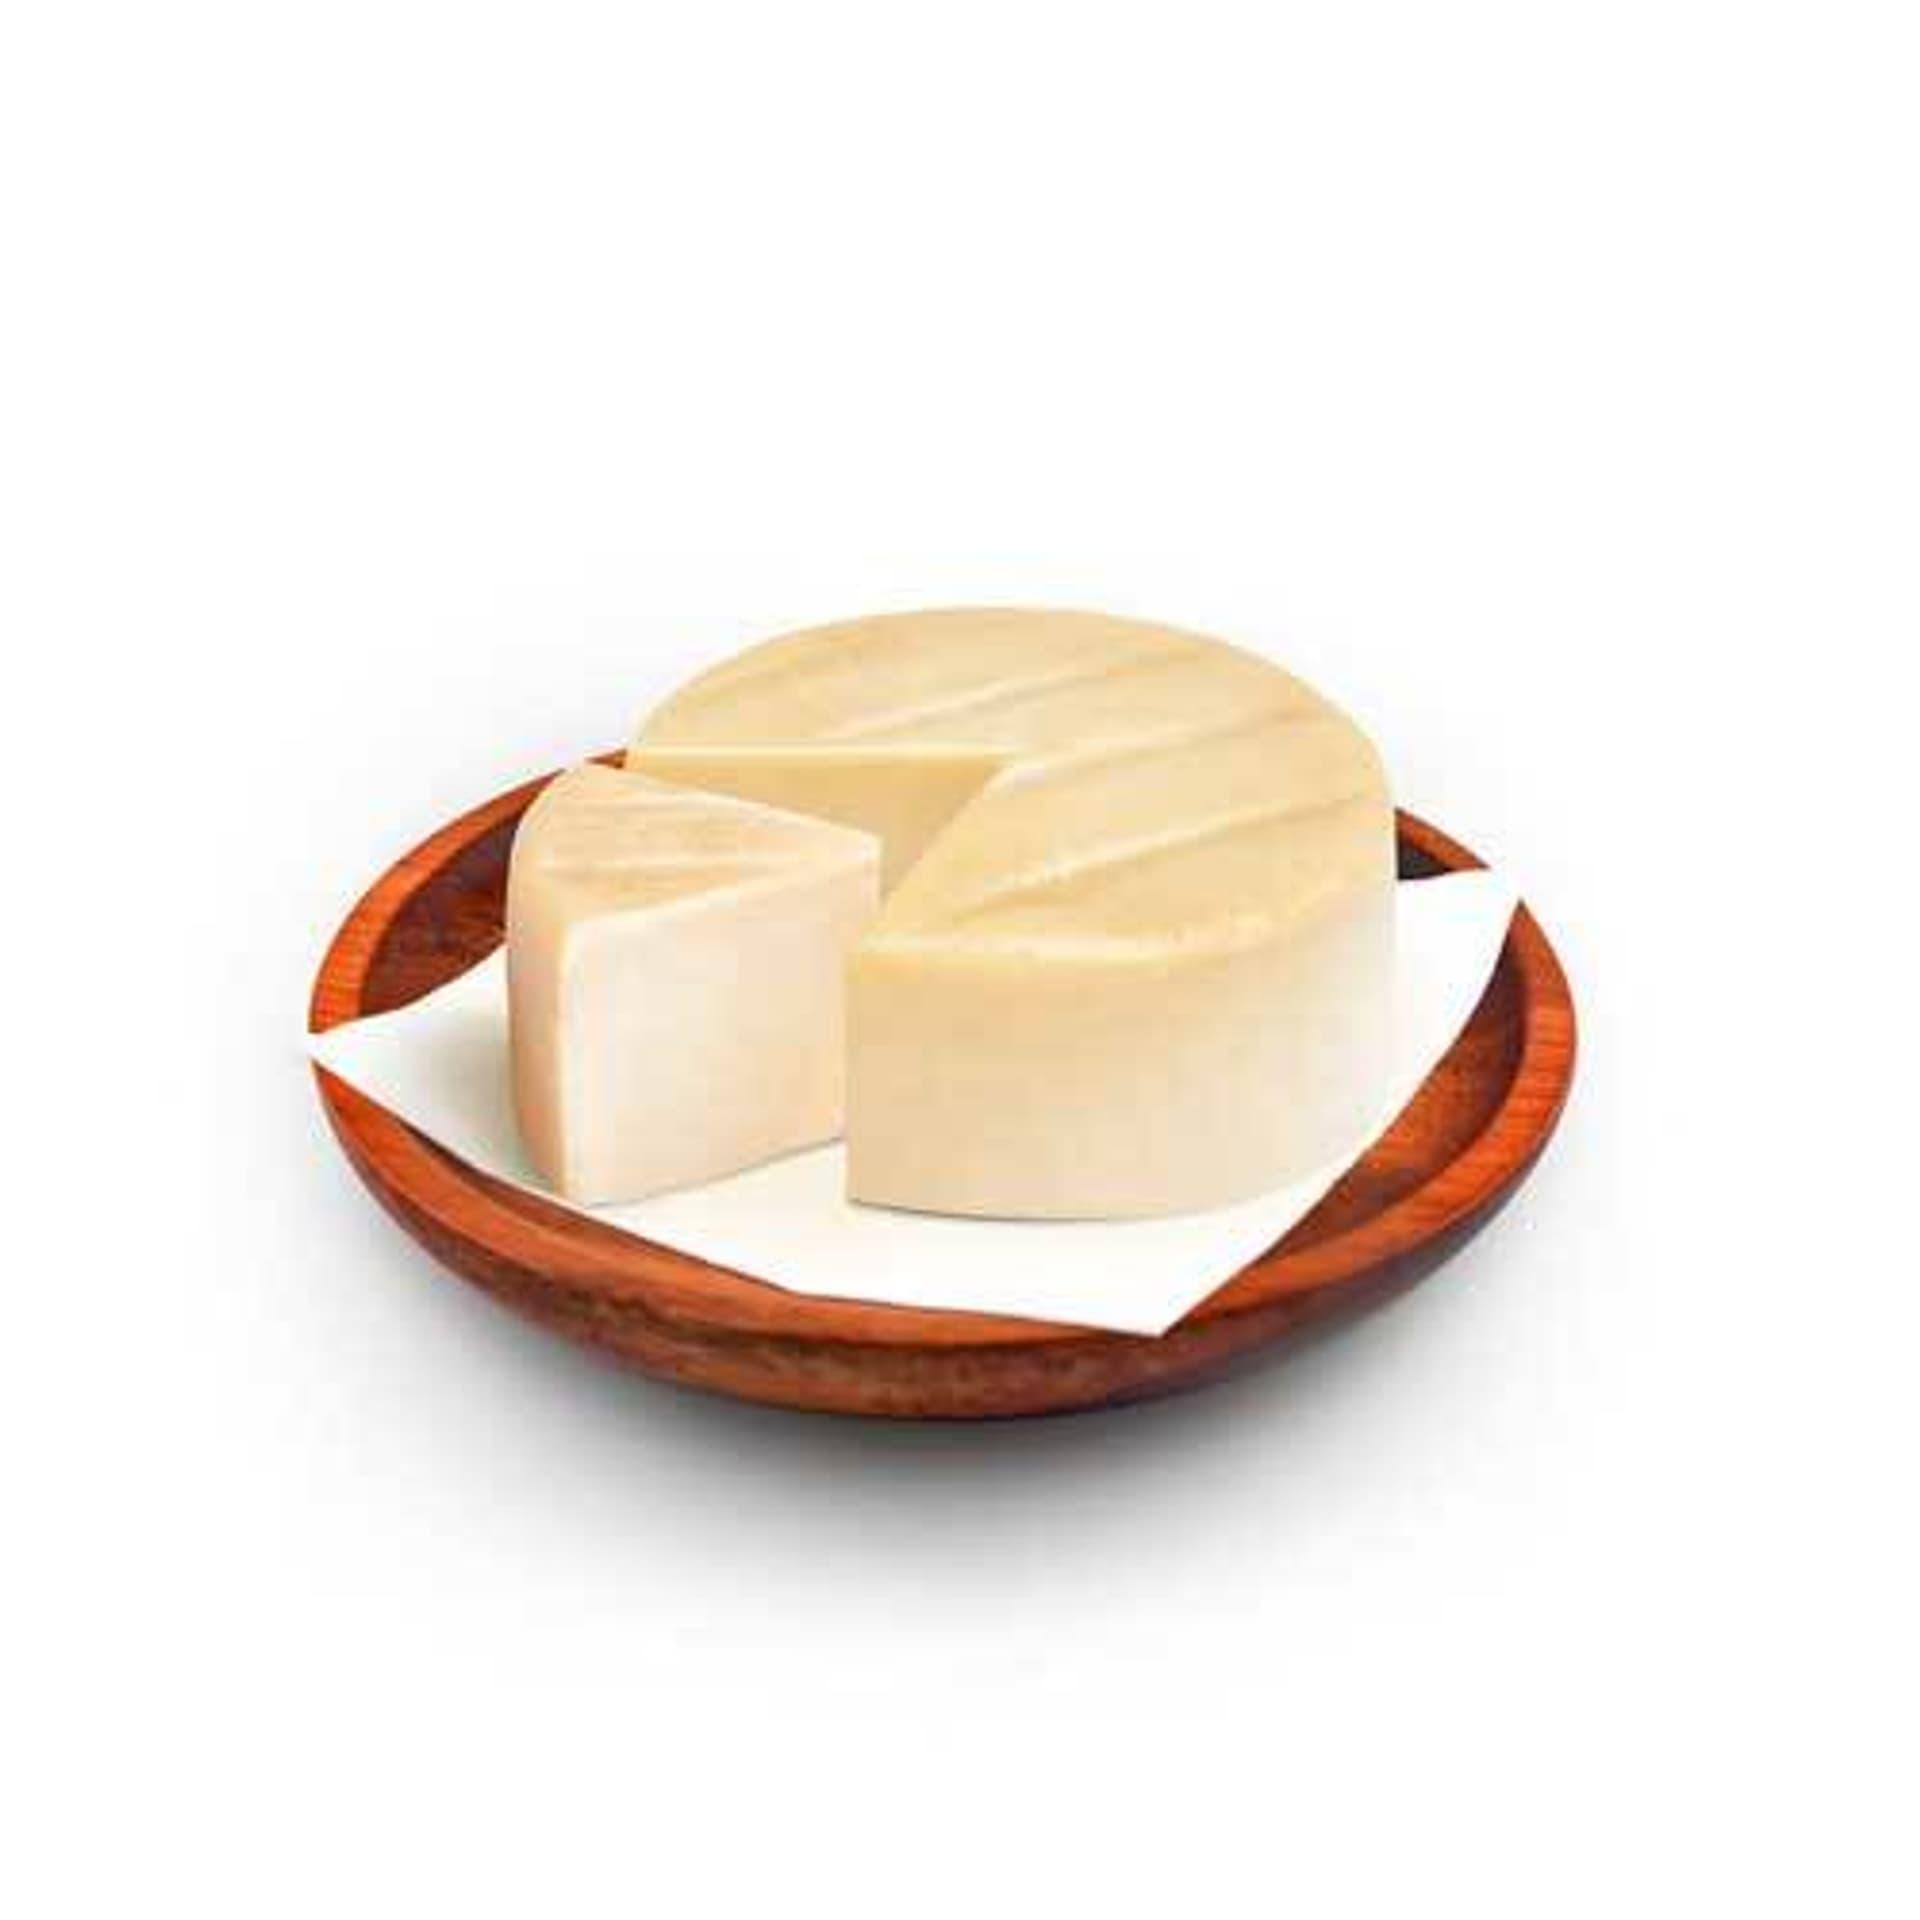 Klassischer Cashew-Käse